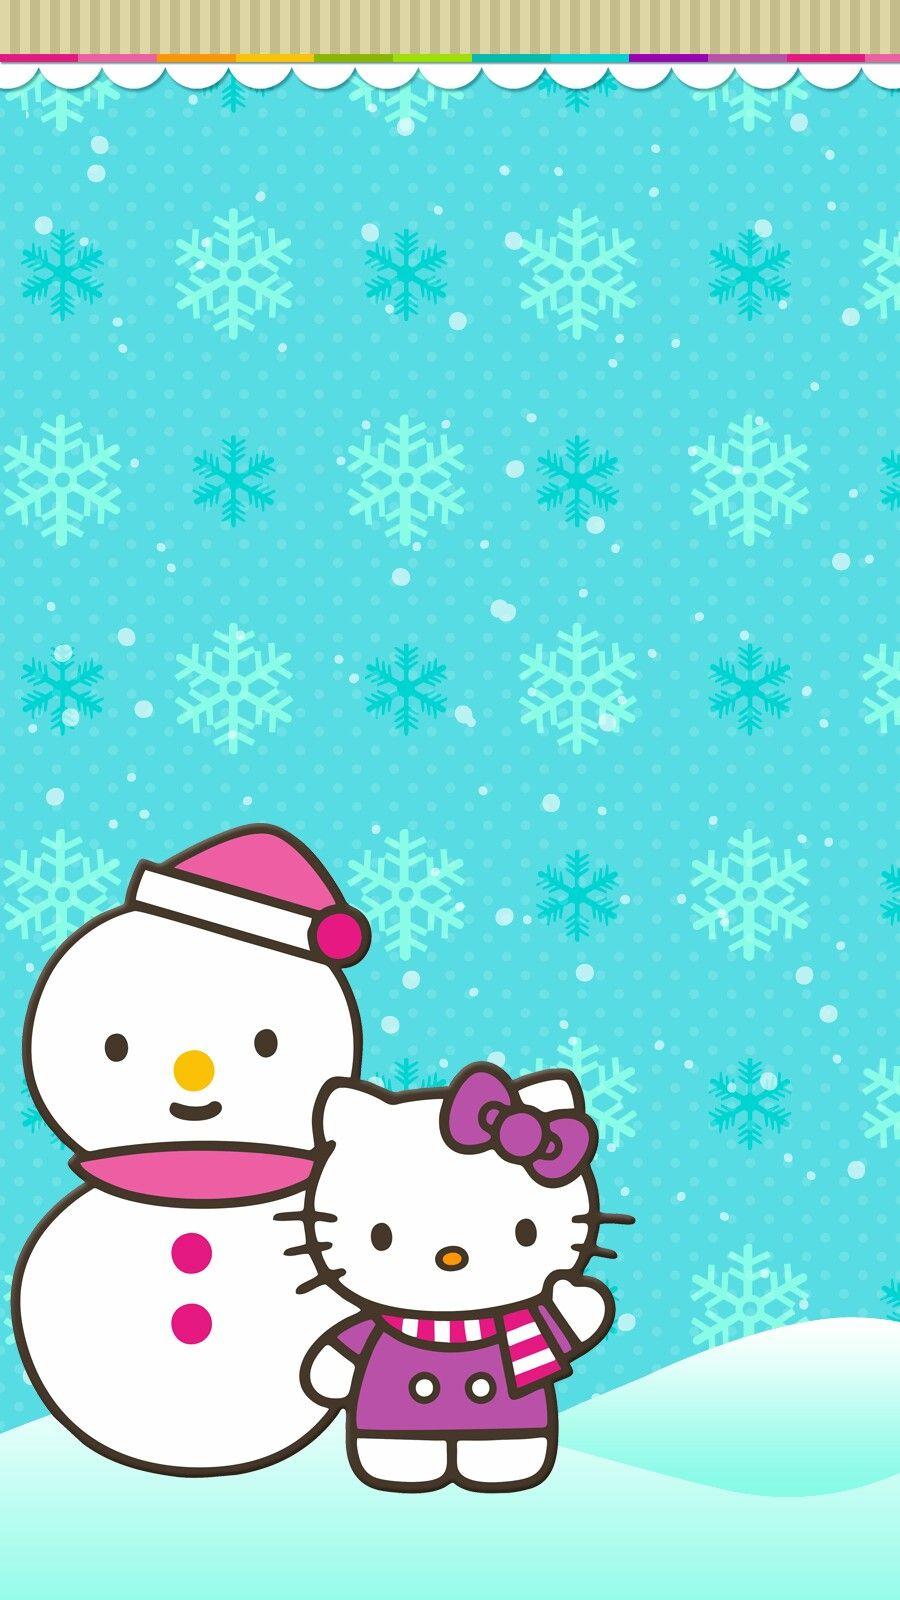 Hello Kitty Winter Hello Kitty Christmas Hello Kitty Backgrounds Hello Kitty Art